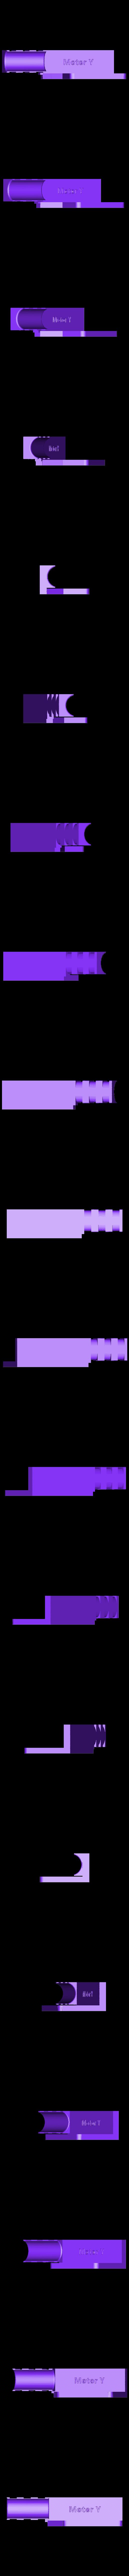 Fix_cable_clamp_Bed_Y.stl Télécharger fichier STL gratuit Porte-câble avec pince • Modèle pour impression 3D, rovanni